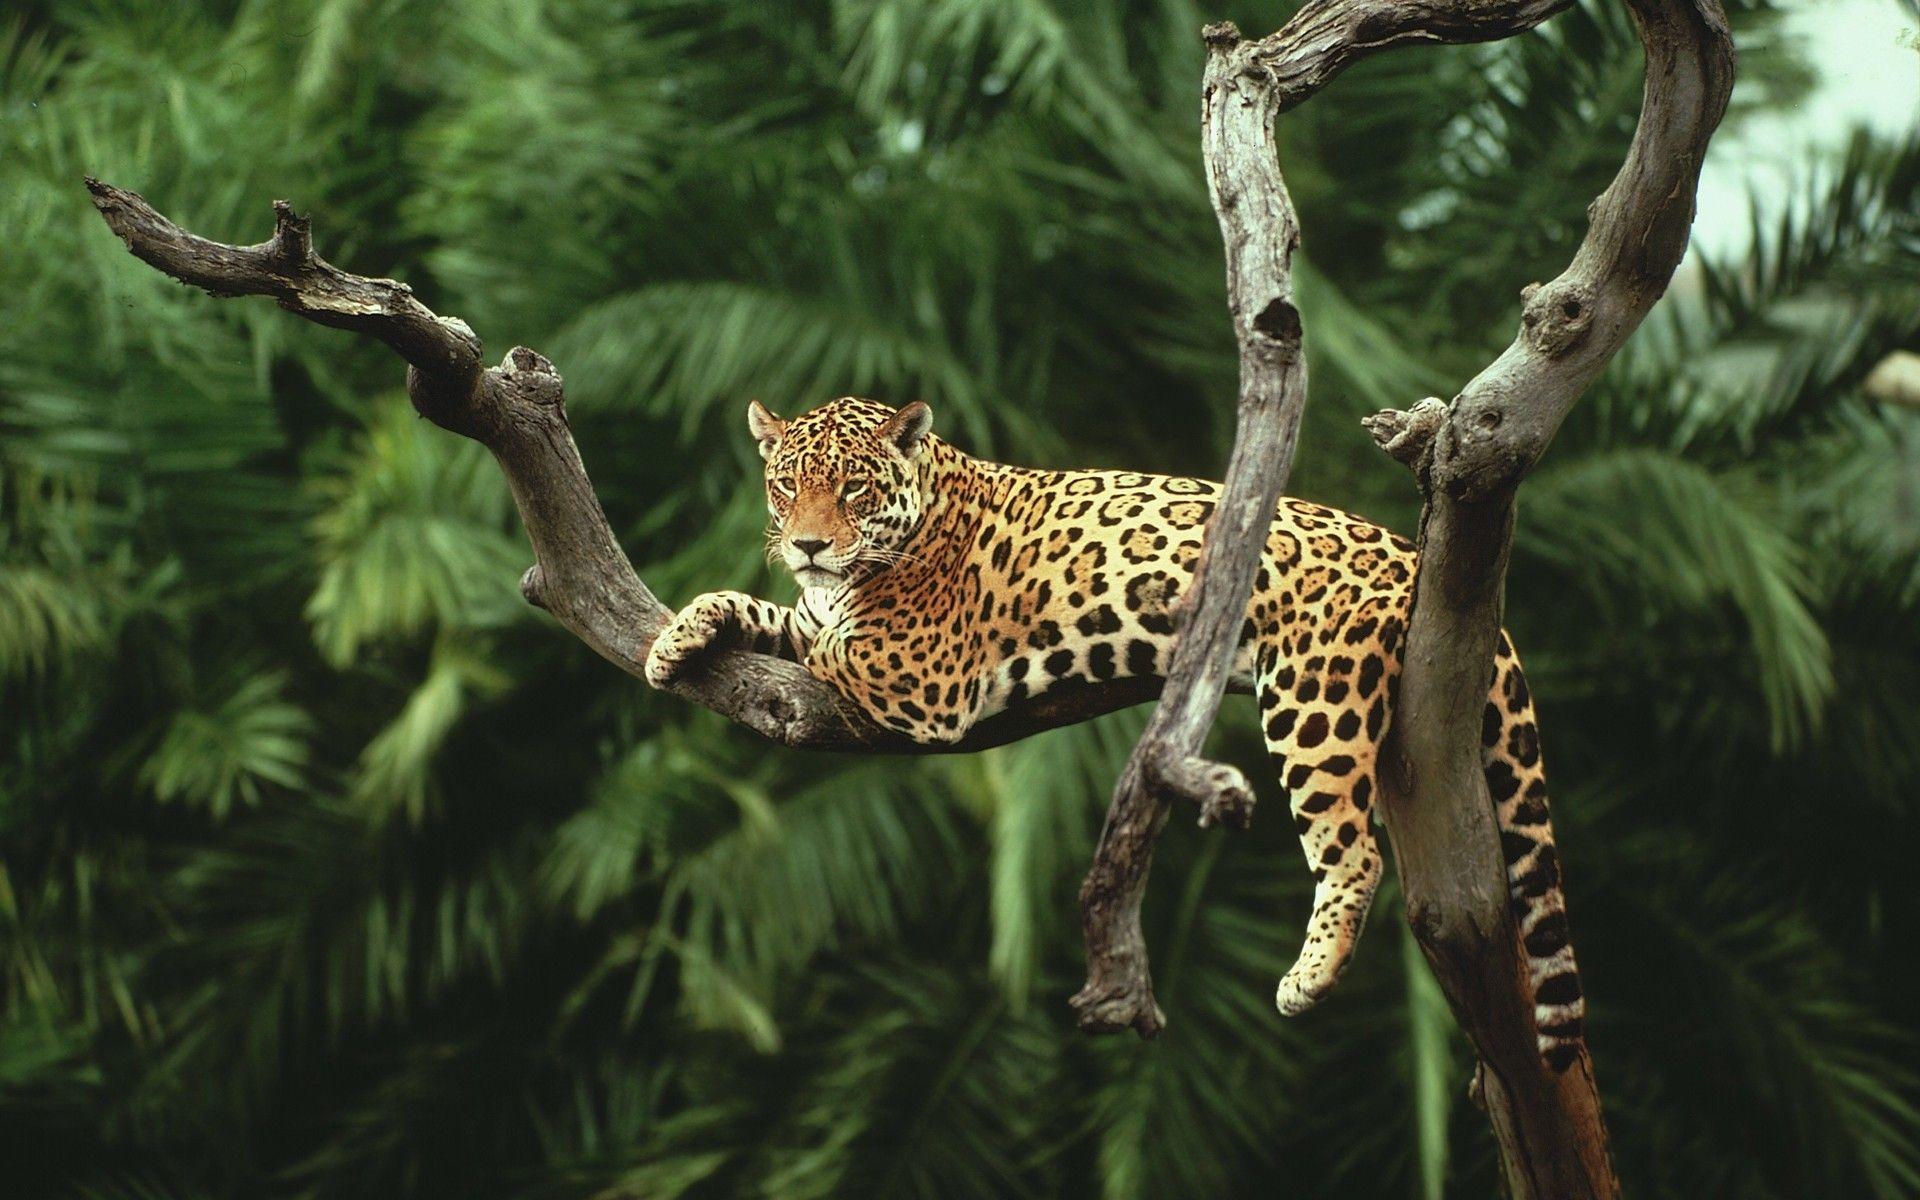 появились фотографии ягуара в природе тем, как